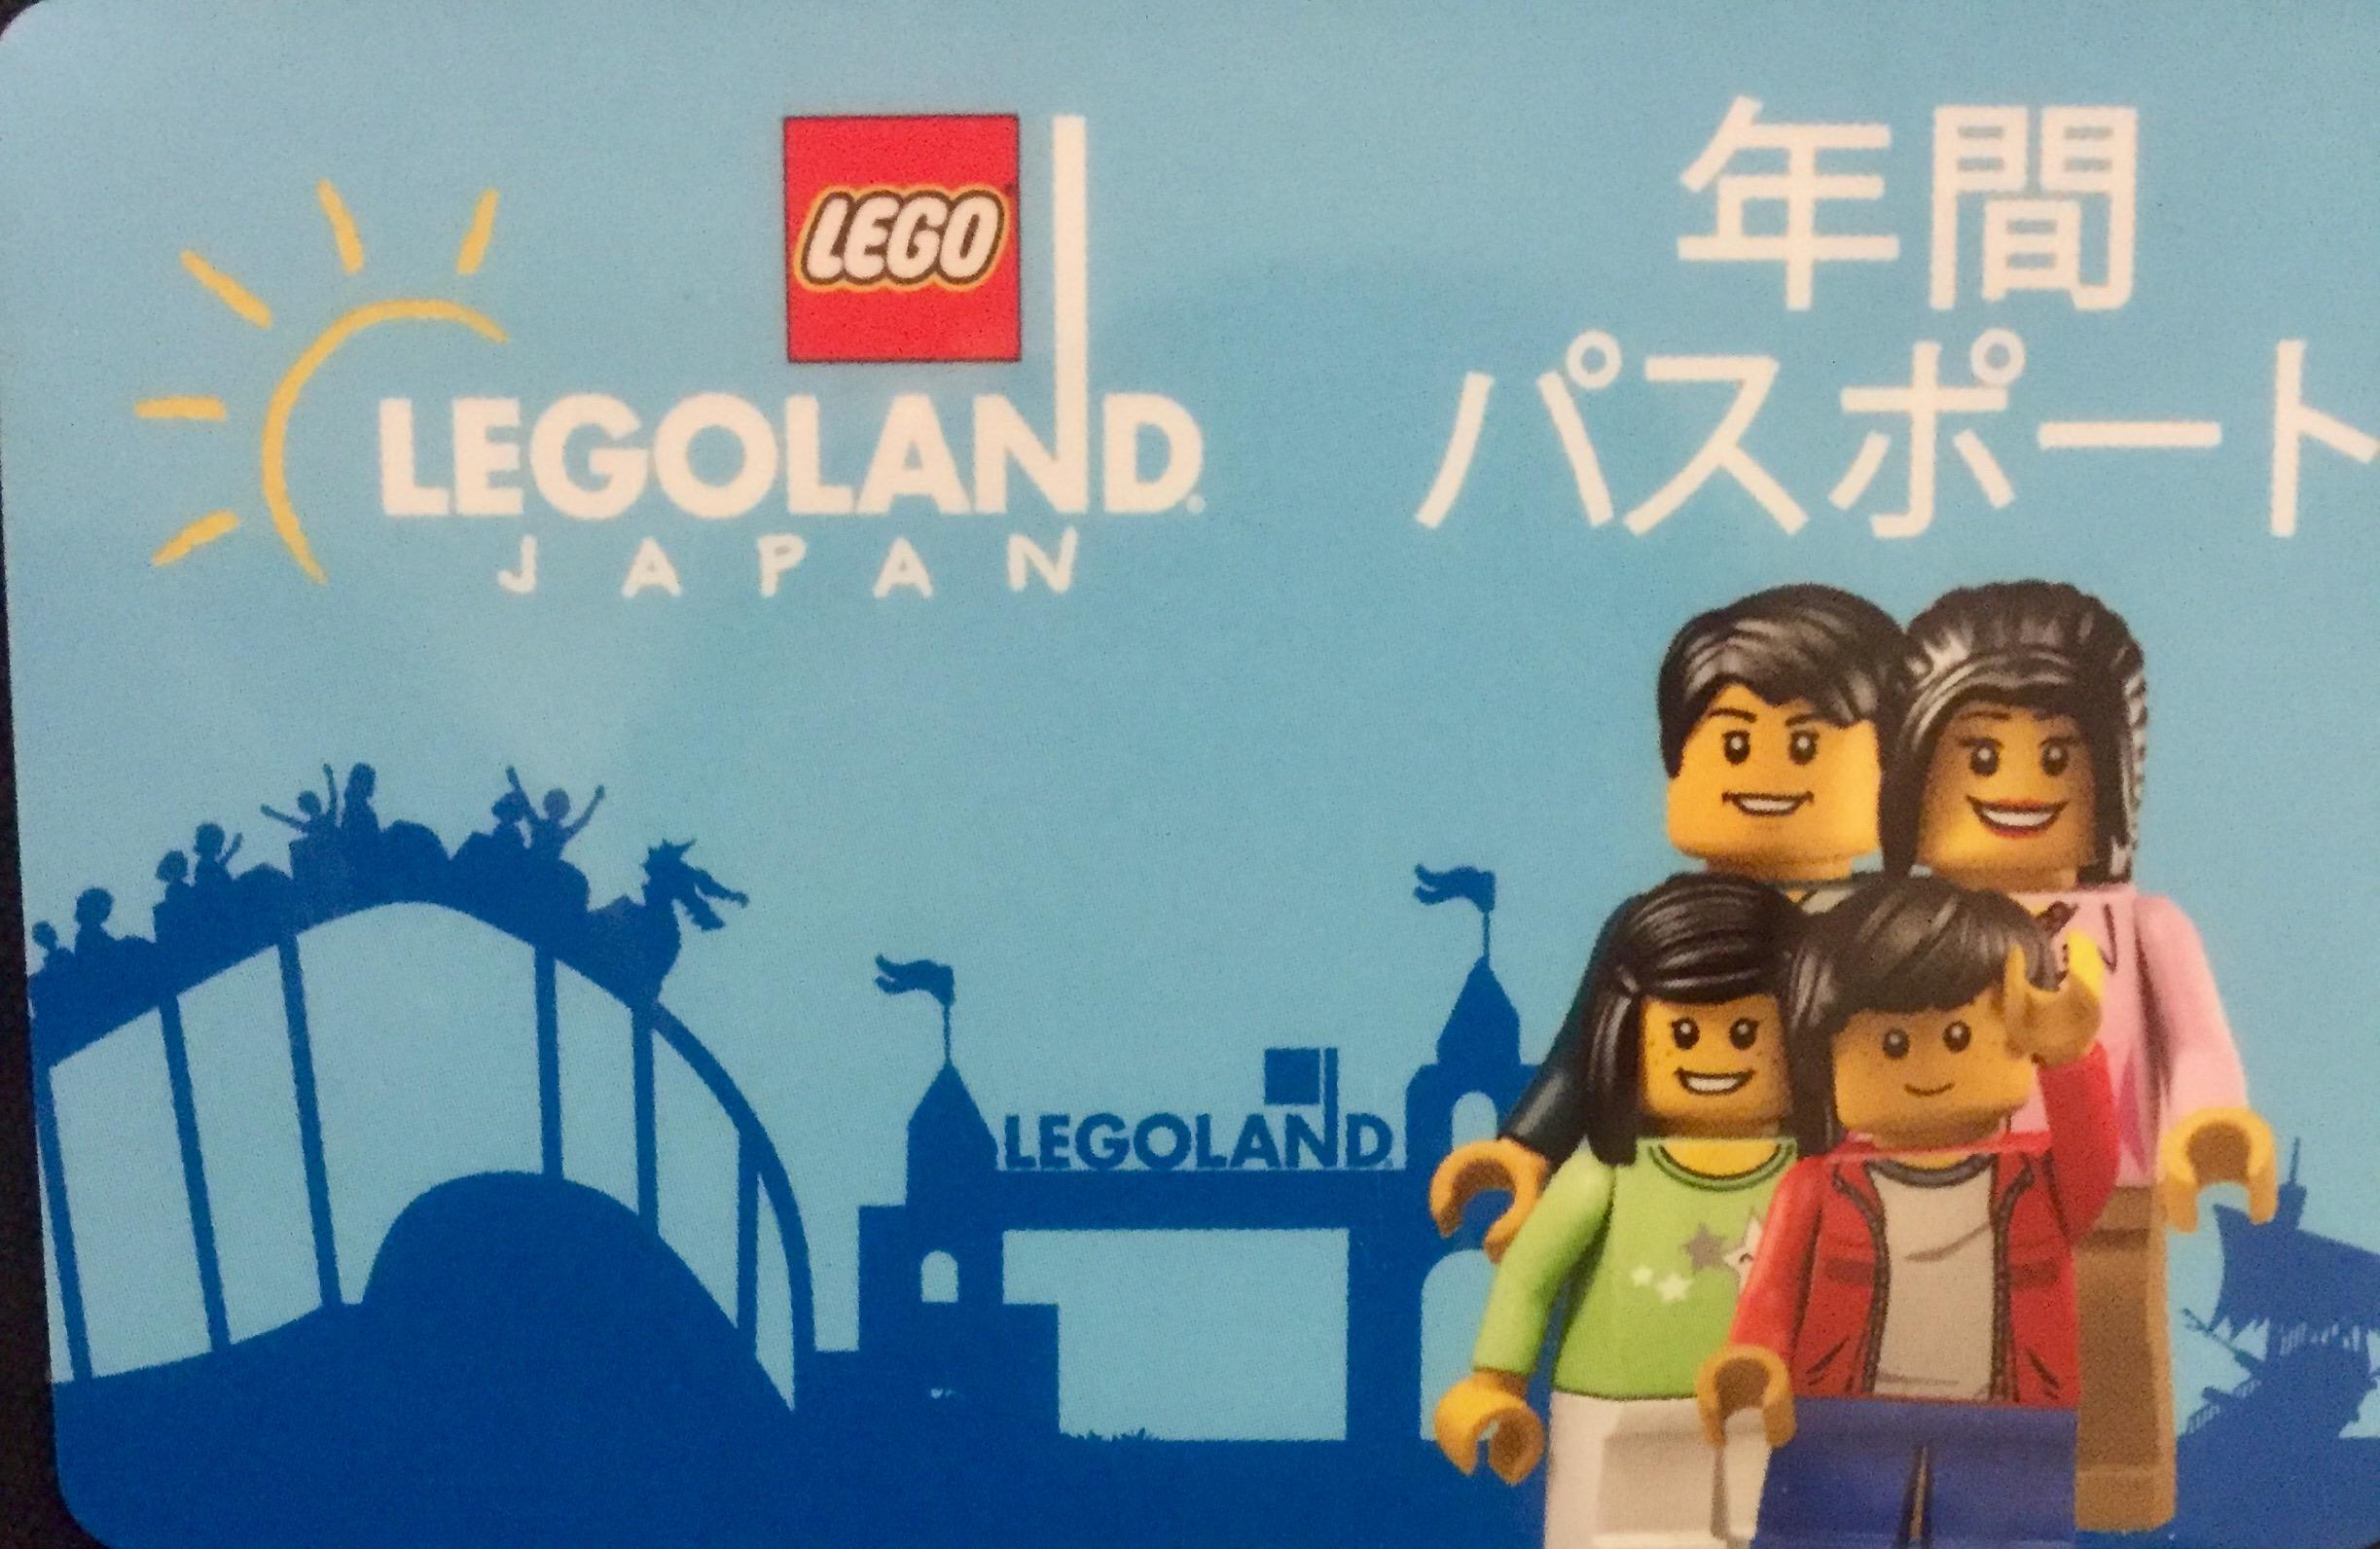 2月4日、レゴランドジャパン「ファクトリーエリア」の一部先行公開に行ってきた! - image2 4